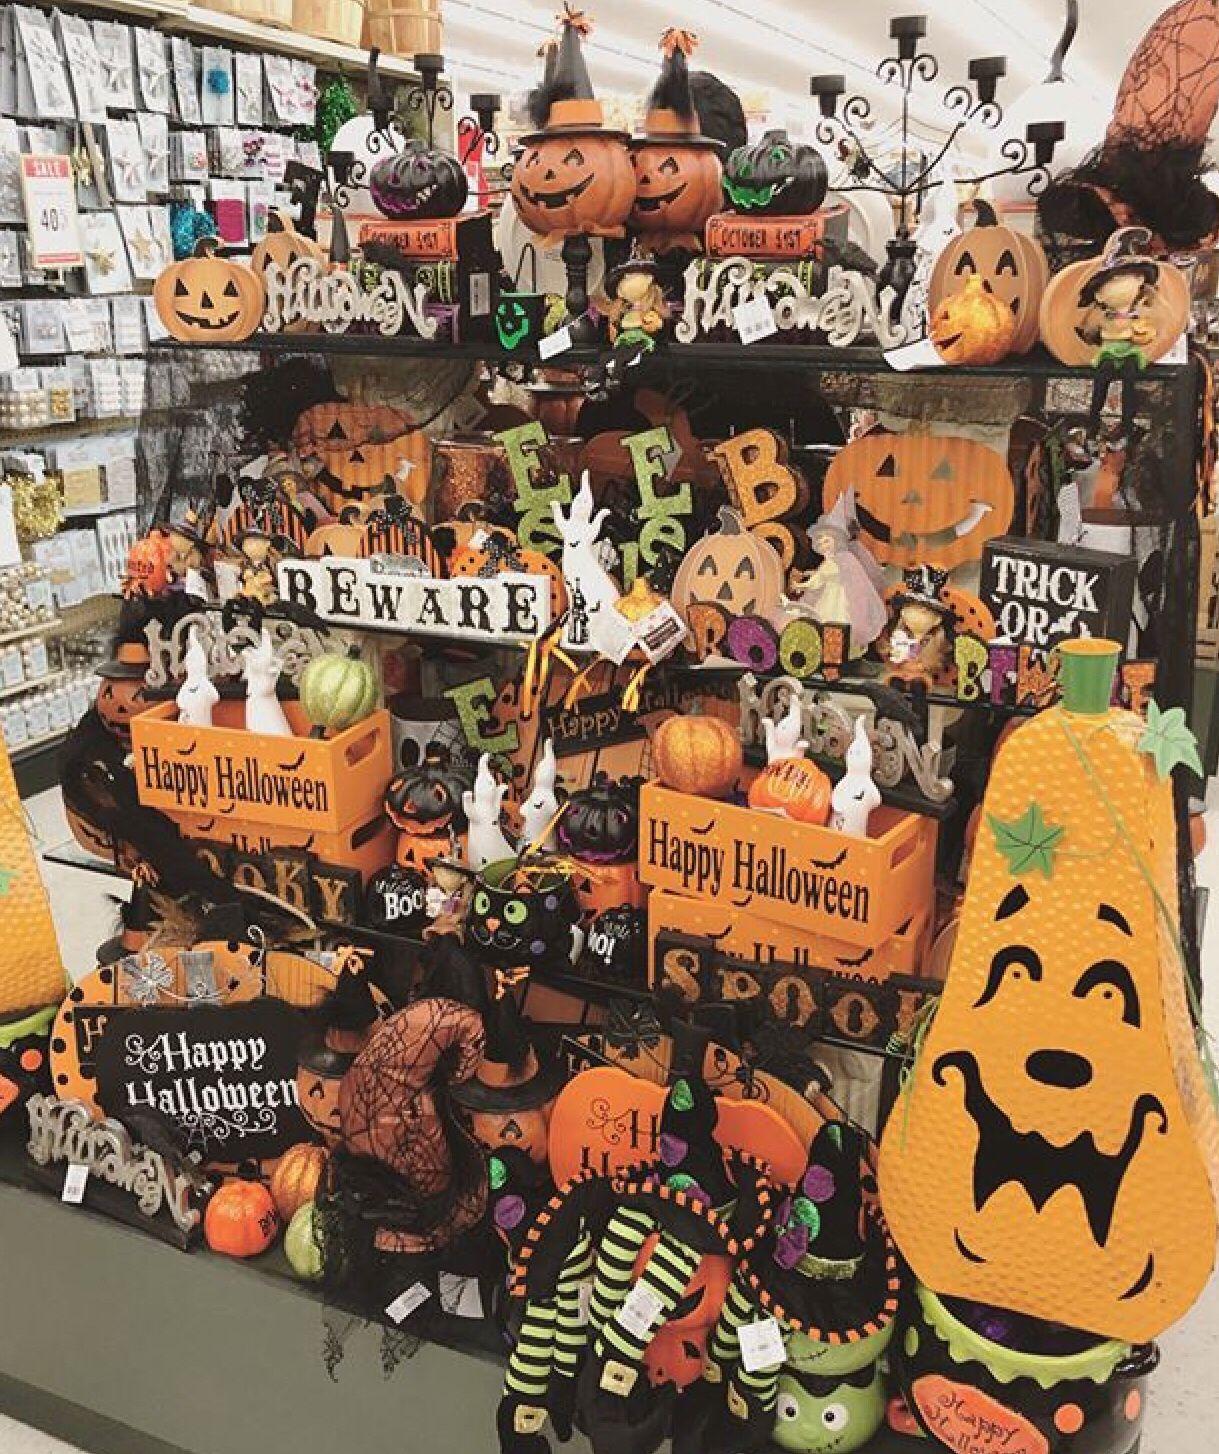 Halloween 2018 At Hobby Lobby Hobby Lobby Christmas Halloween Halloween 2018